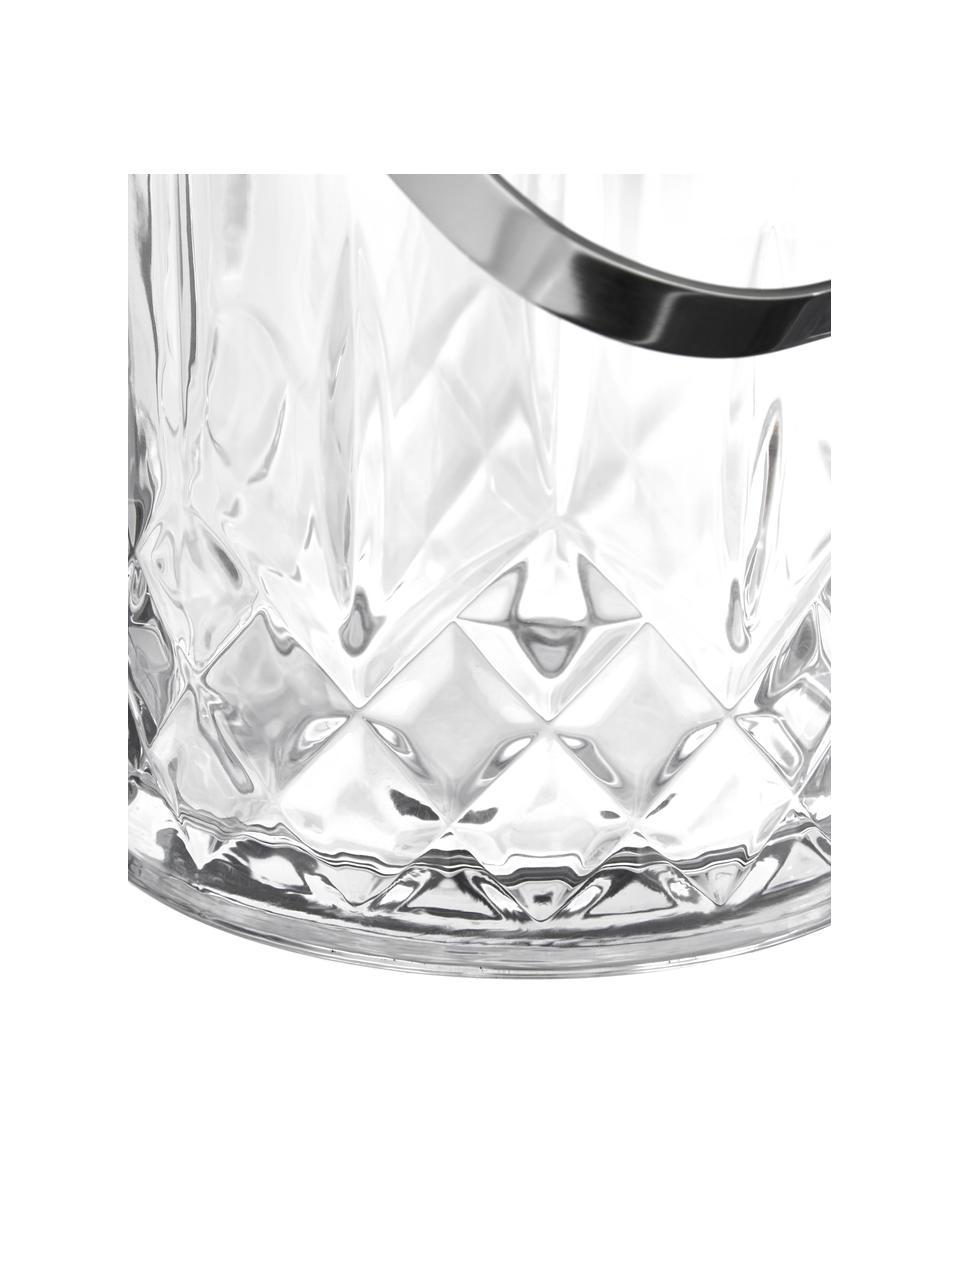 Kleiner Eiseimer Harvey mit Eiszange und Kristallrelief, Glas, Transparent, Ø 13 x H 14 cm